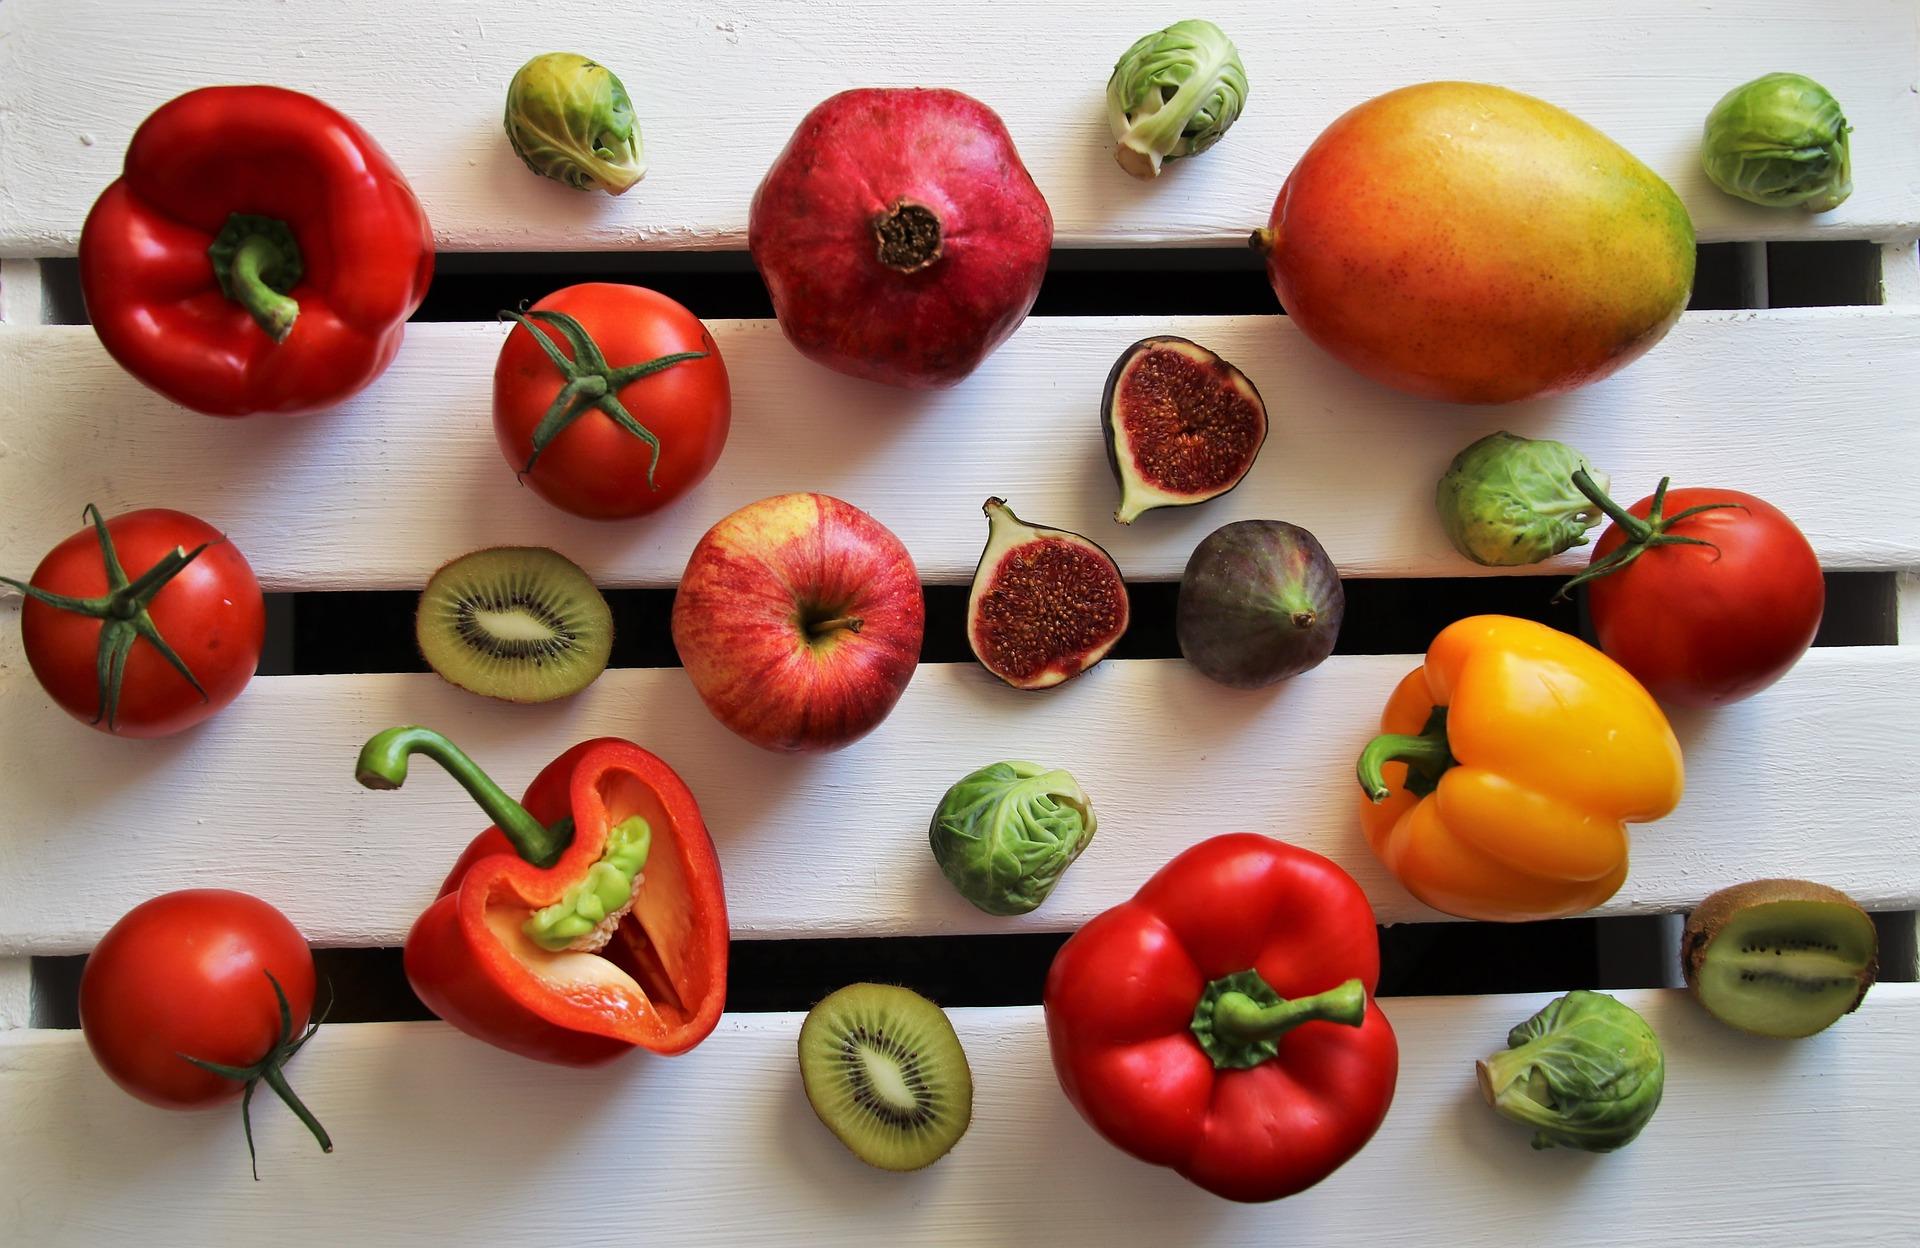 fruits et legumes sur une table blanche